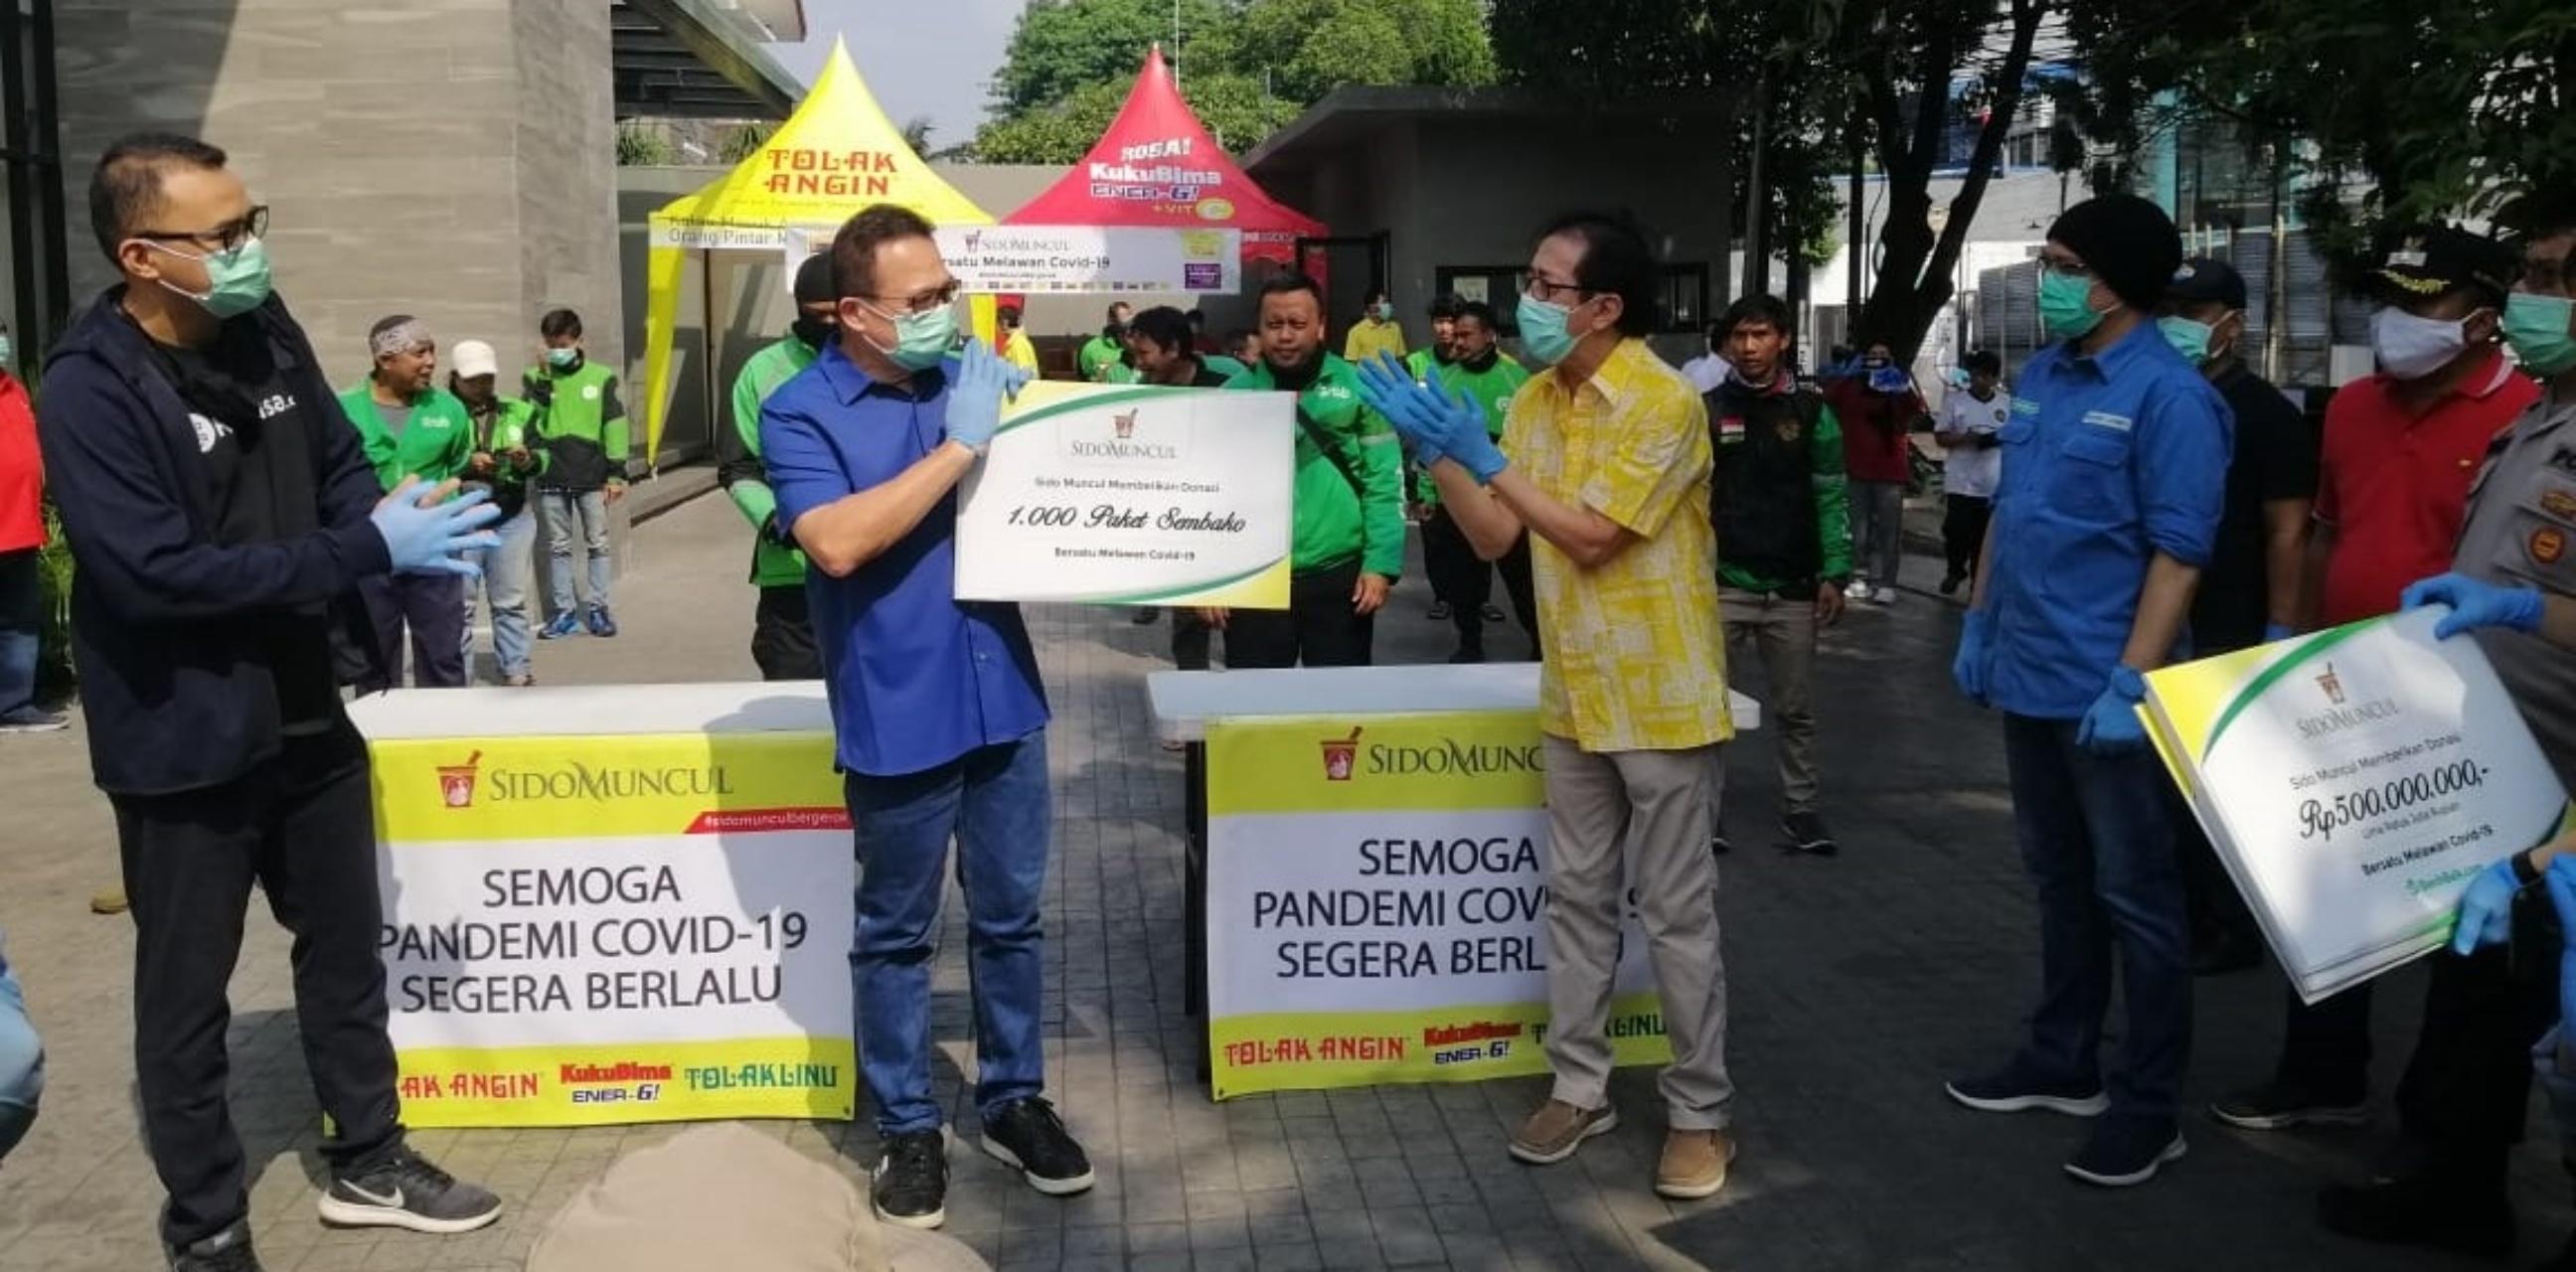 Rhenald Kasali galang donasi sembako untuk pengemudi taksi